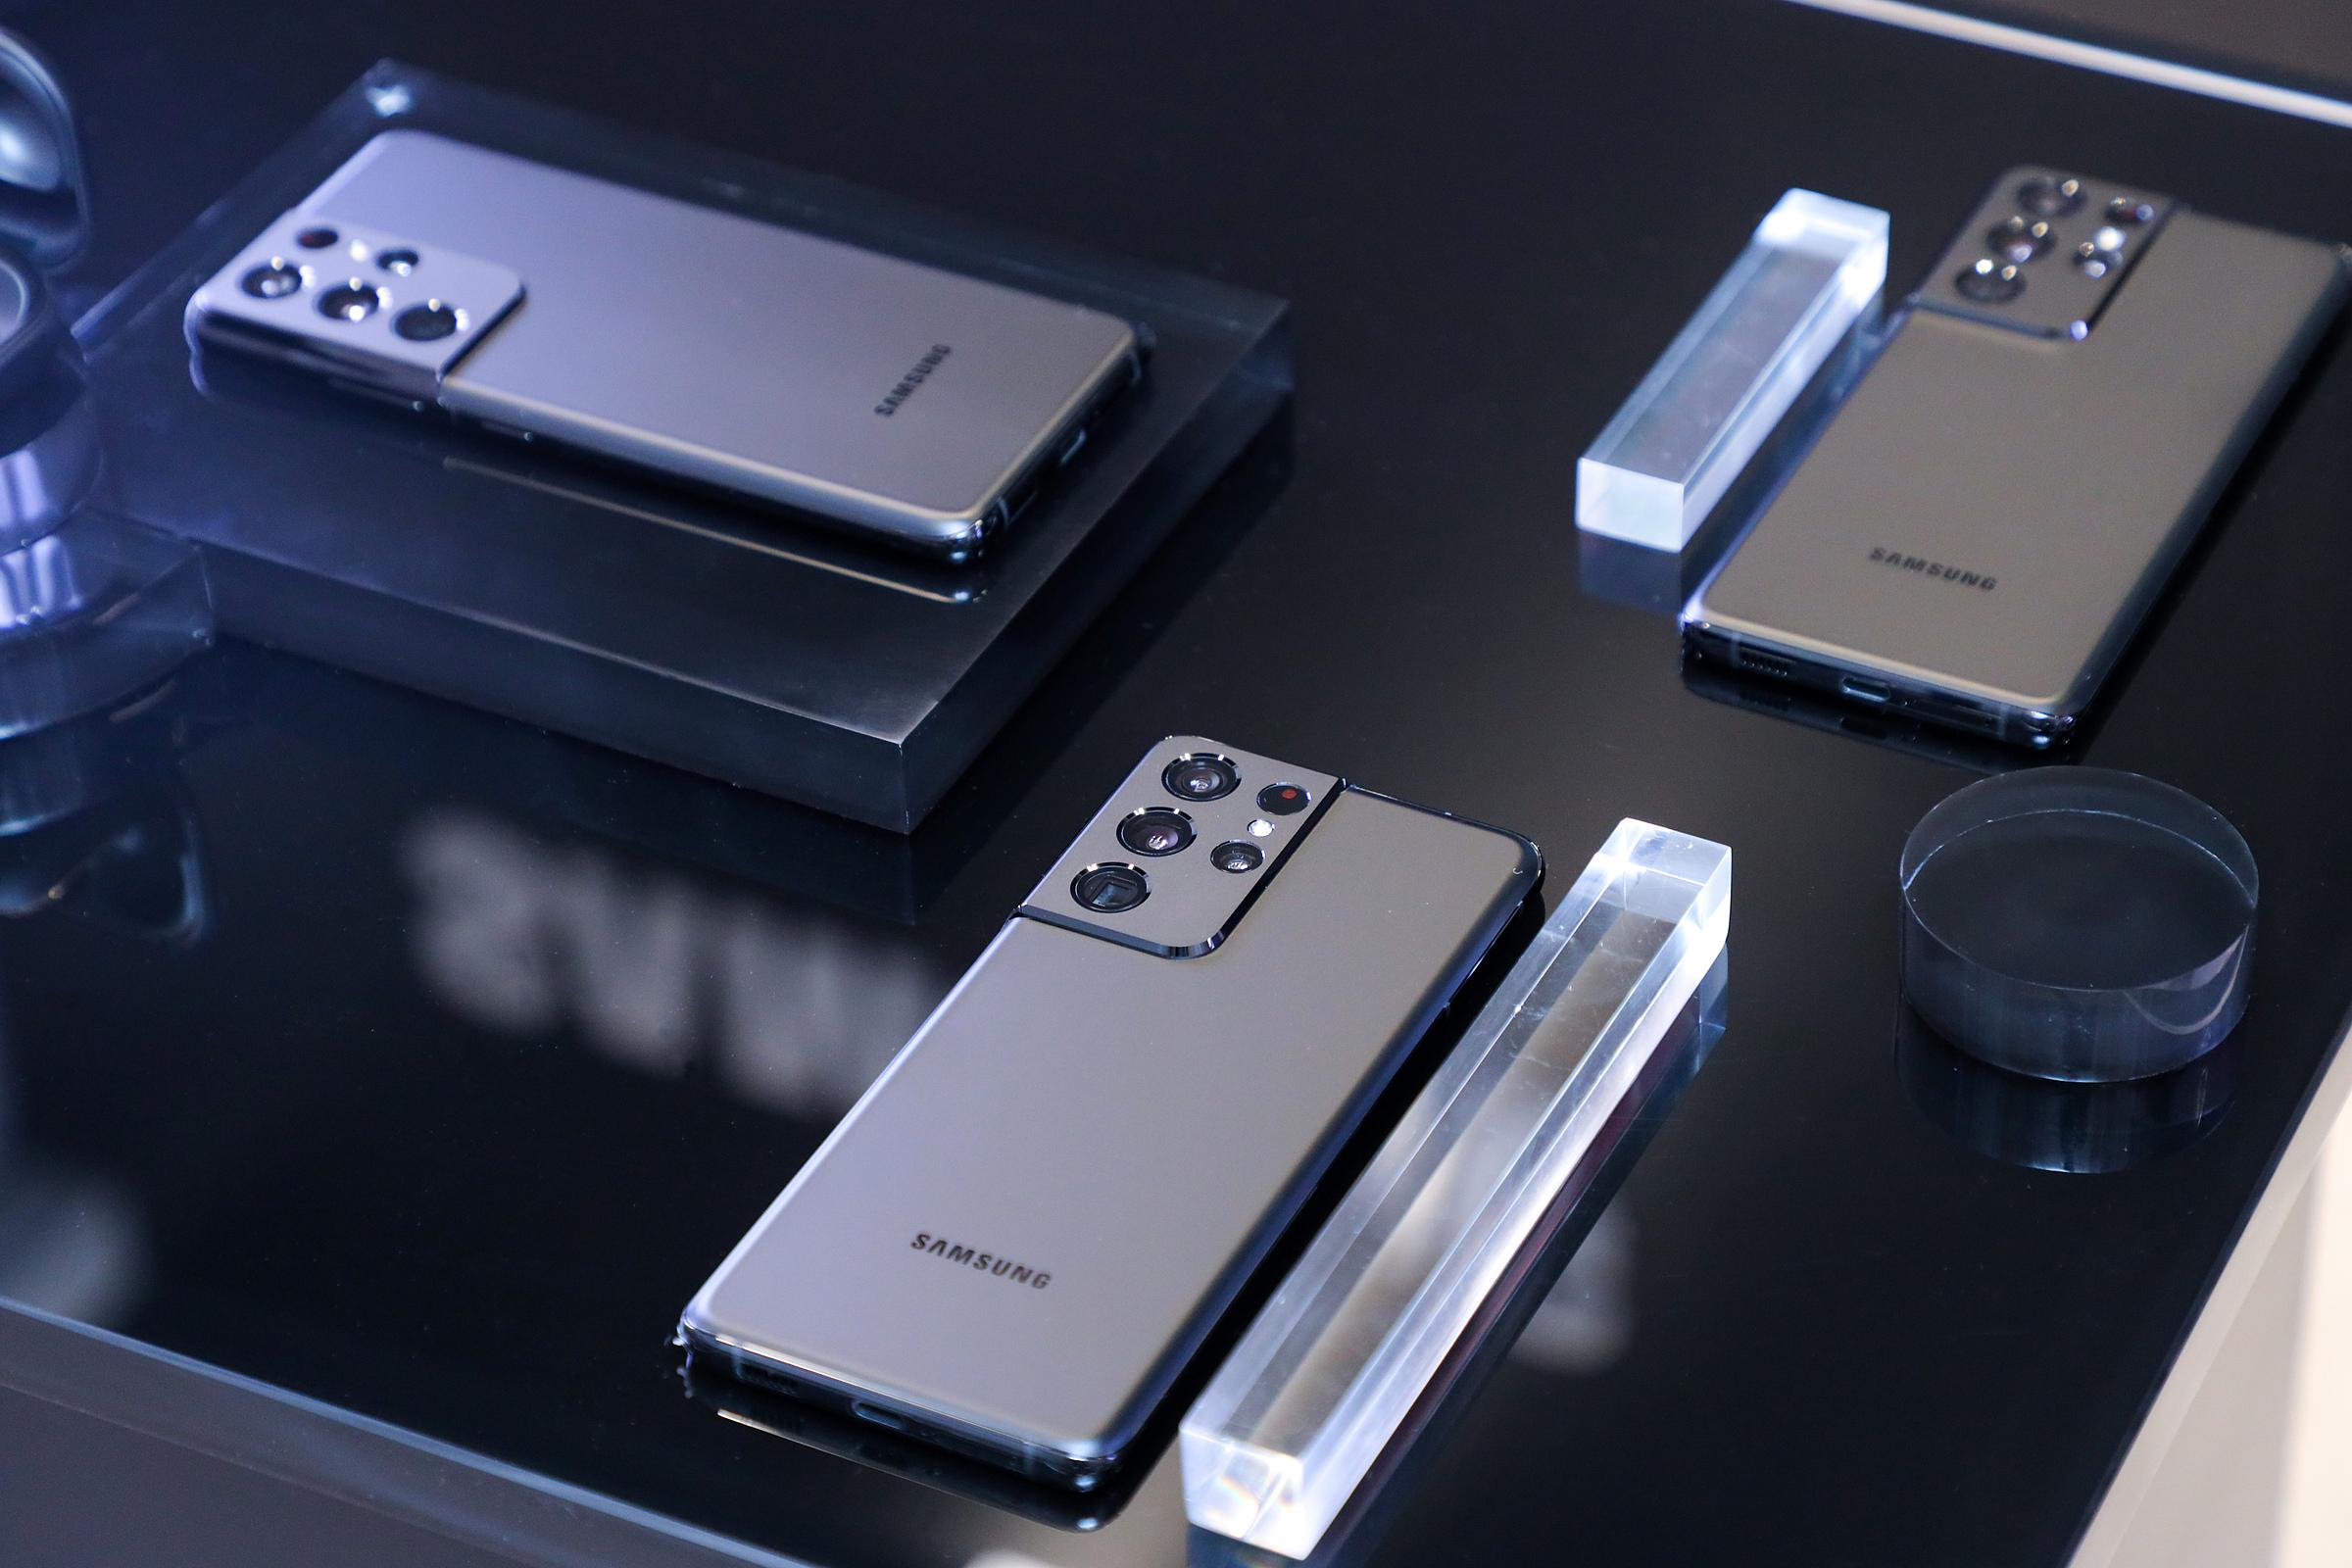 Thiết kế cụm camera liền cạnh độc đáo, không thể nhầm lẫn của Galaxy S21. Ảnh: Samsung.